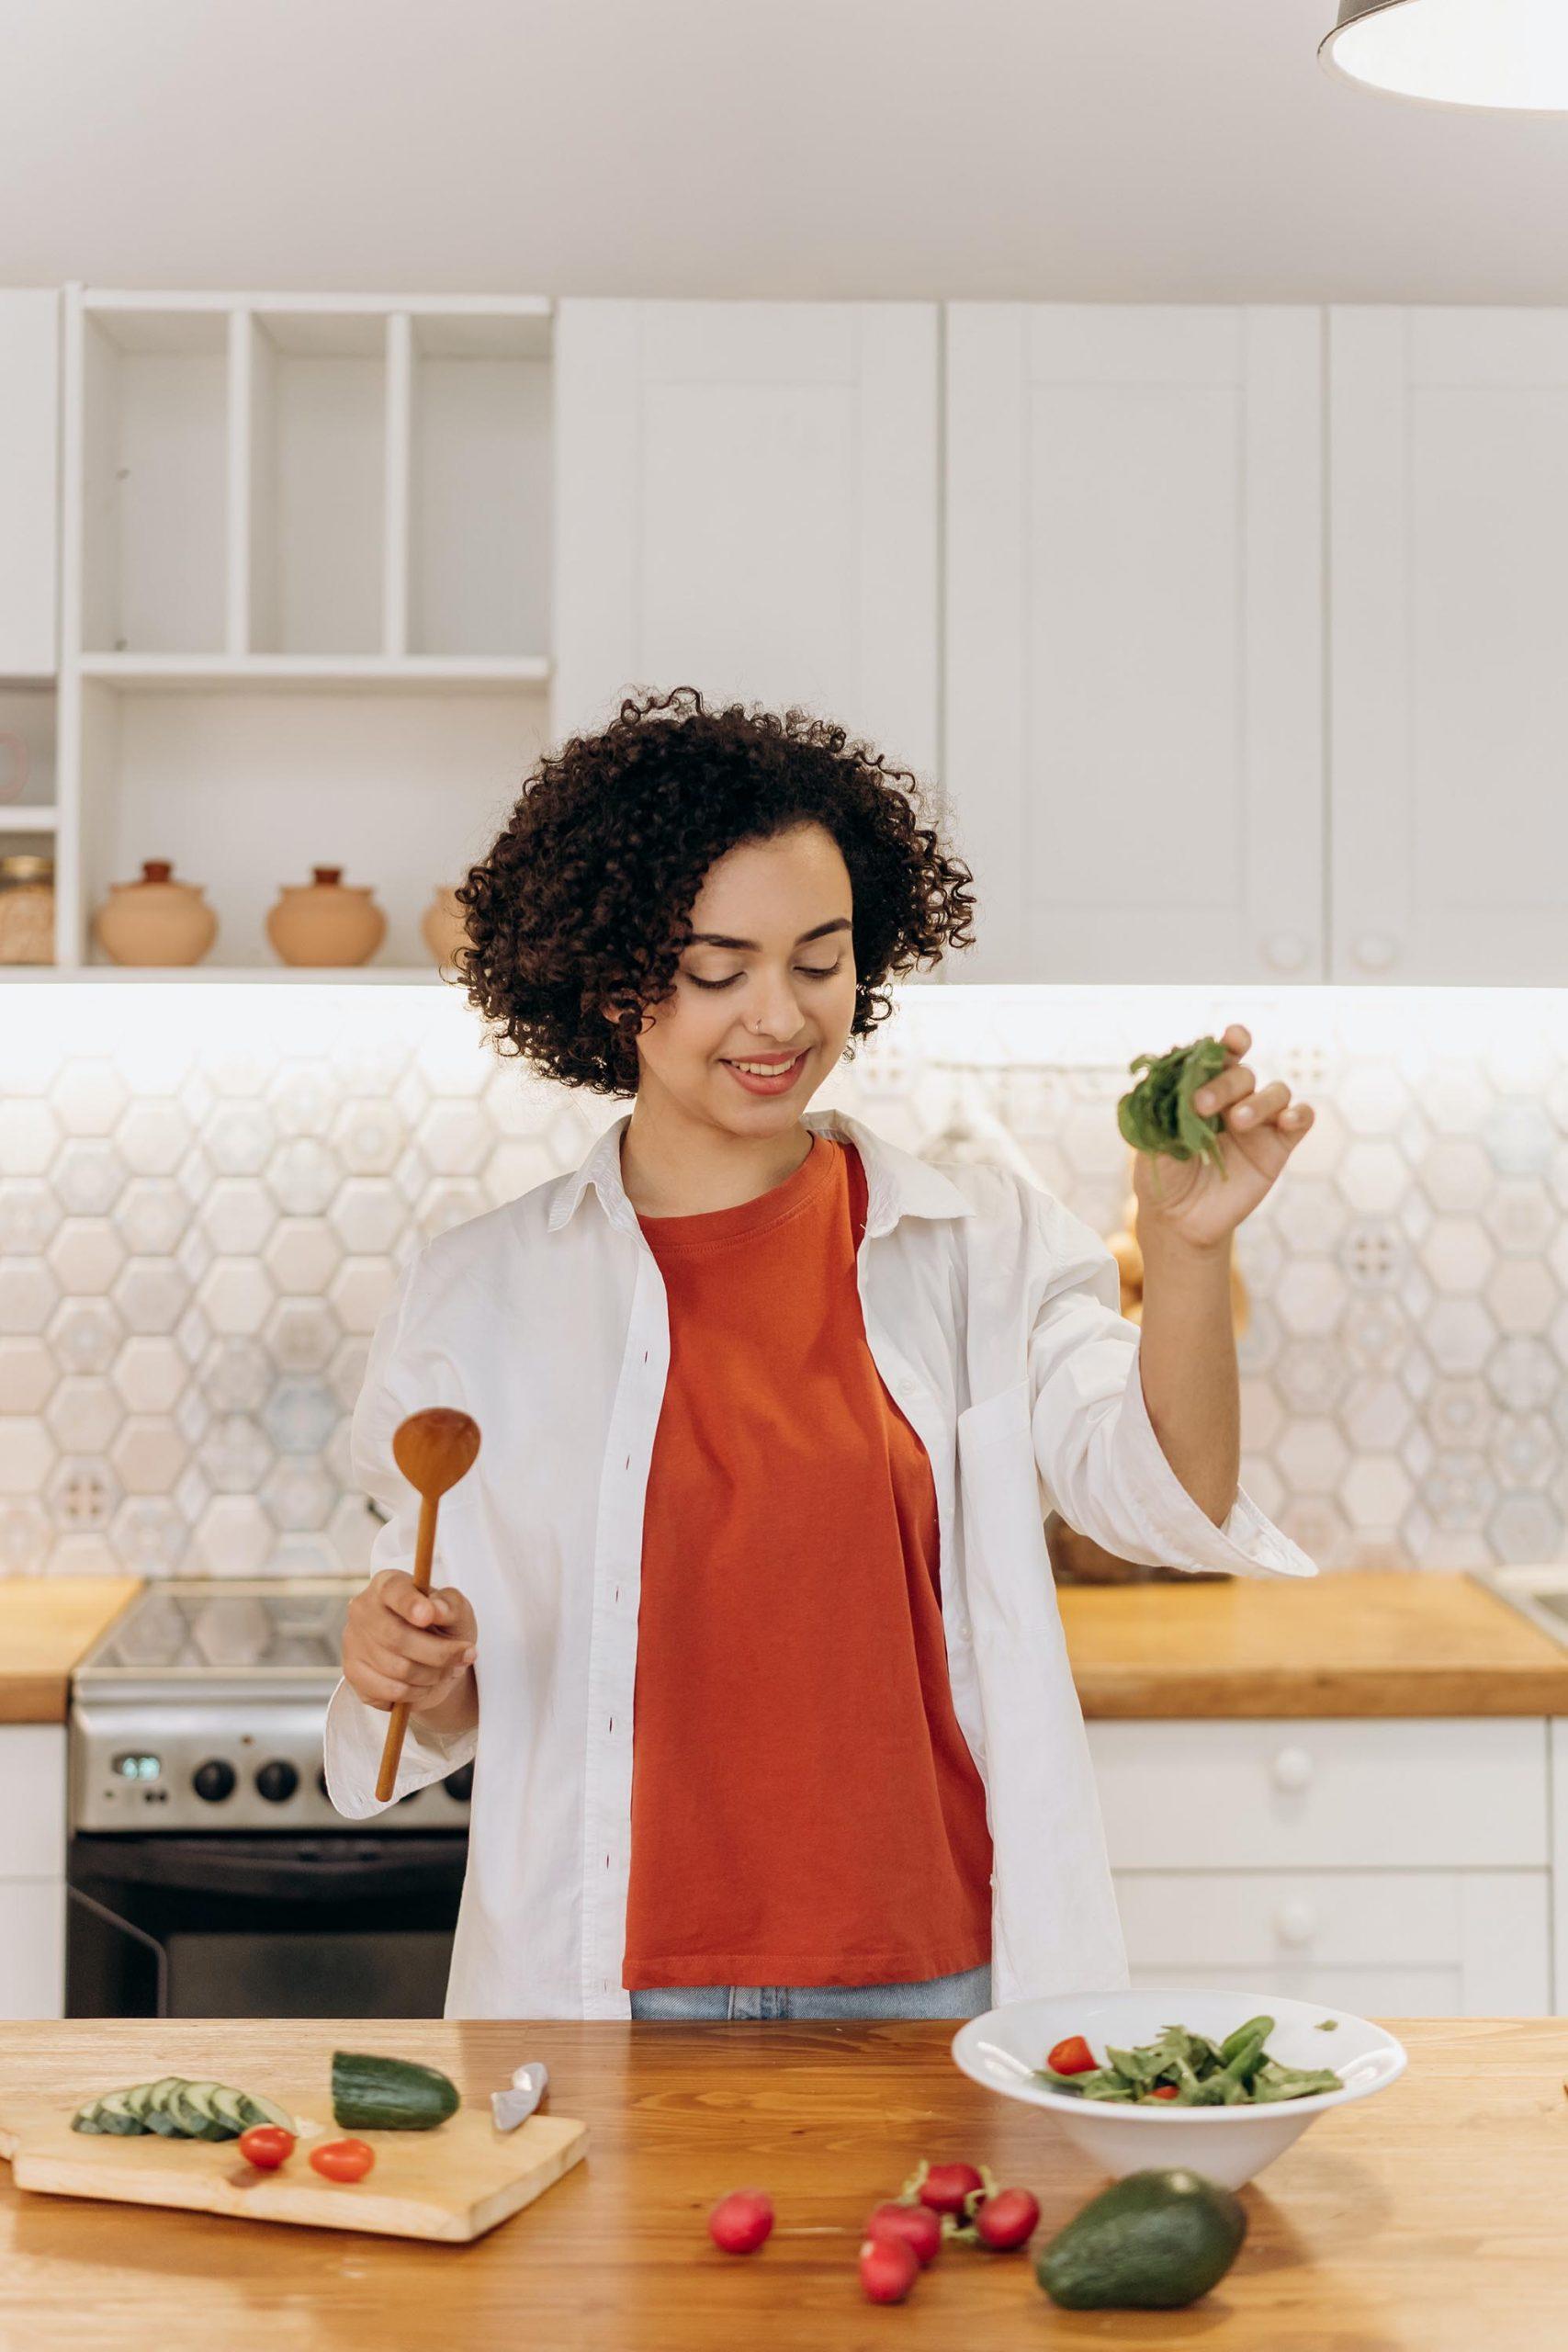 nấu ăn giúp tăng sự tự tin